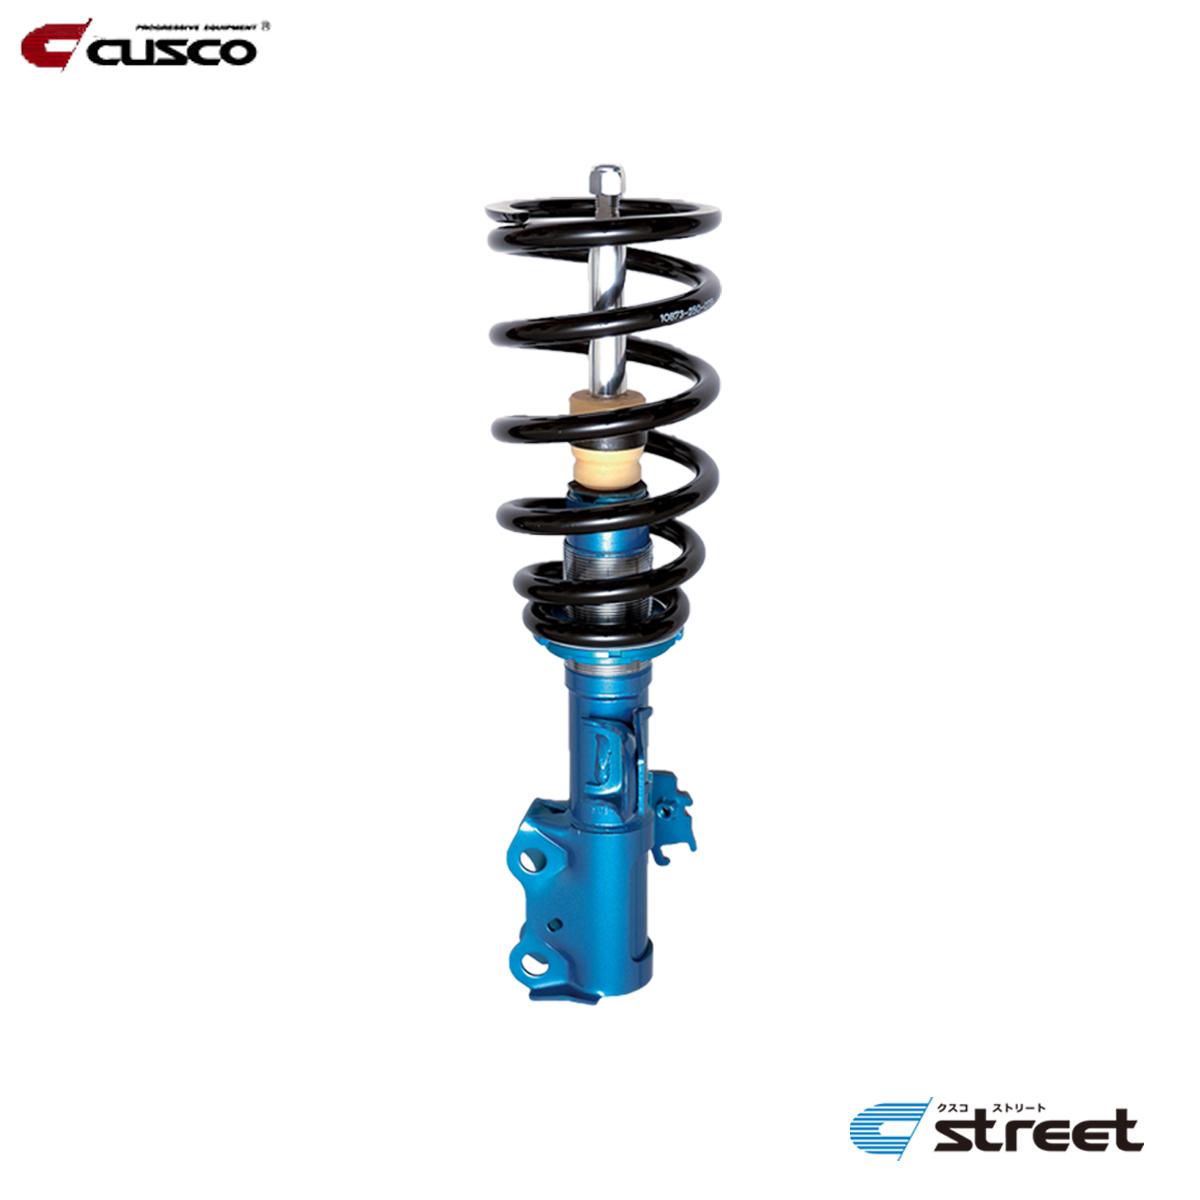 CUSCO クスコ ラパン HE21S 車高調 全長固定式 613-62K-CBA